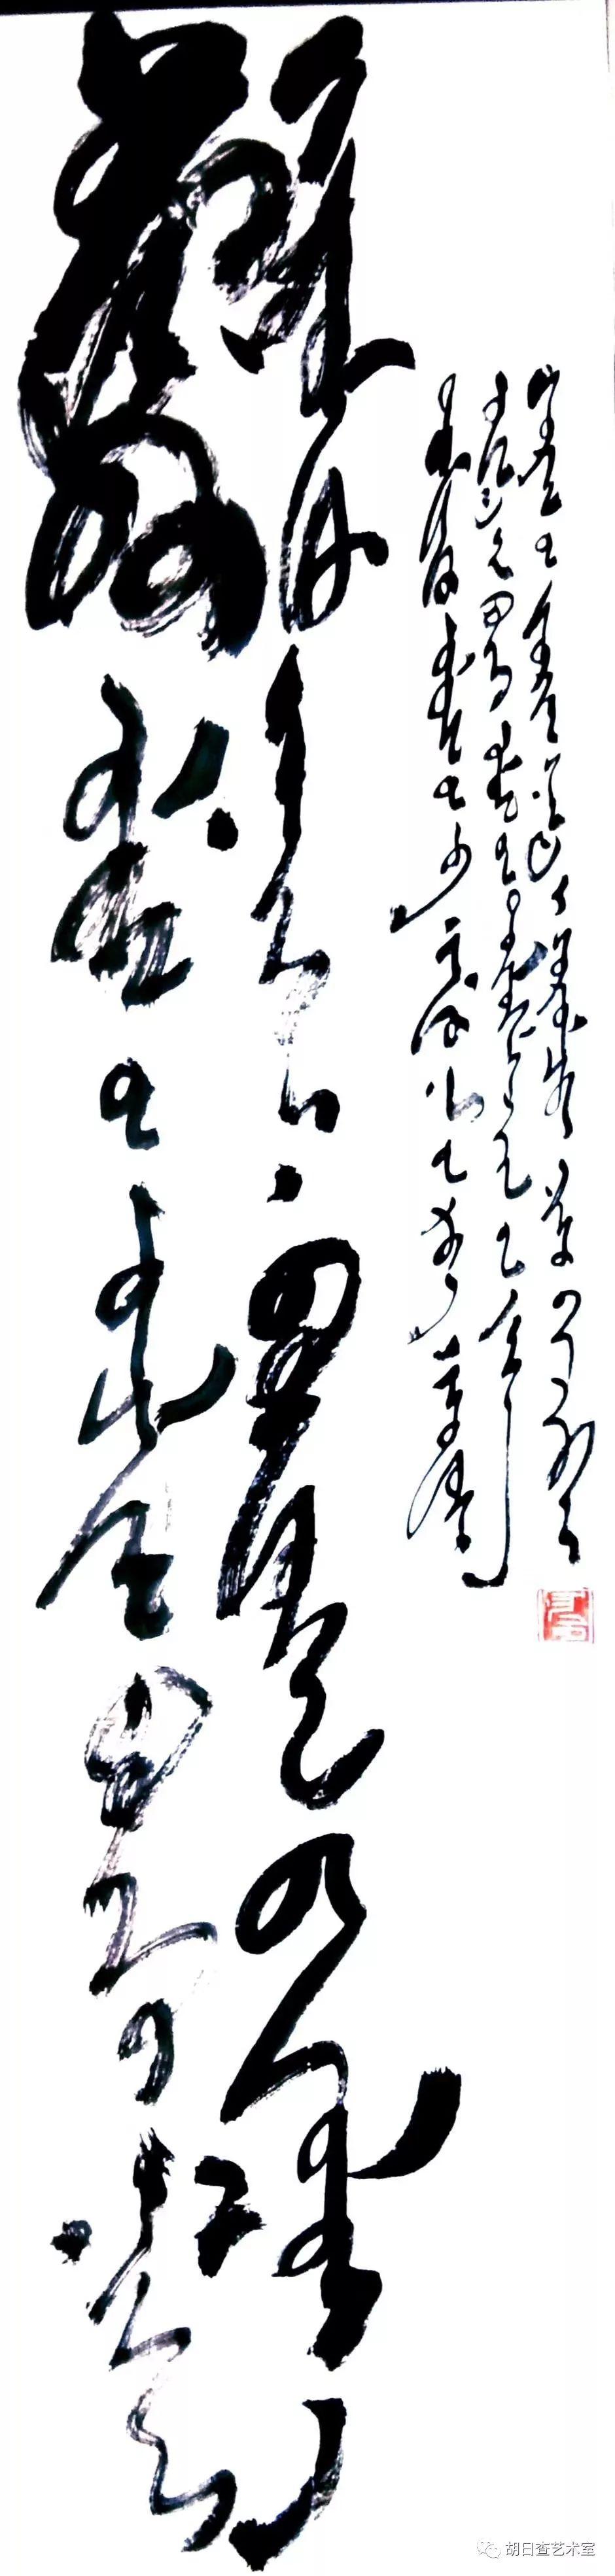 阿尼斯 • 蒙古文书法作品欣赏 第12张